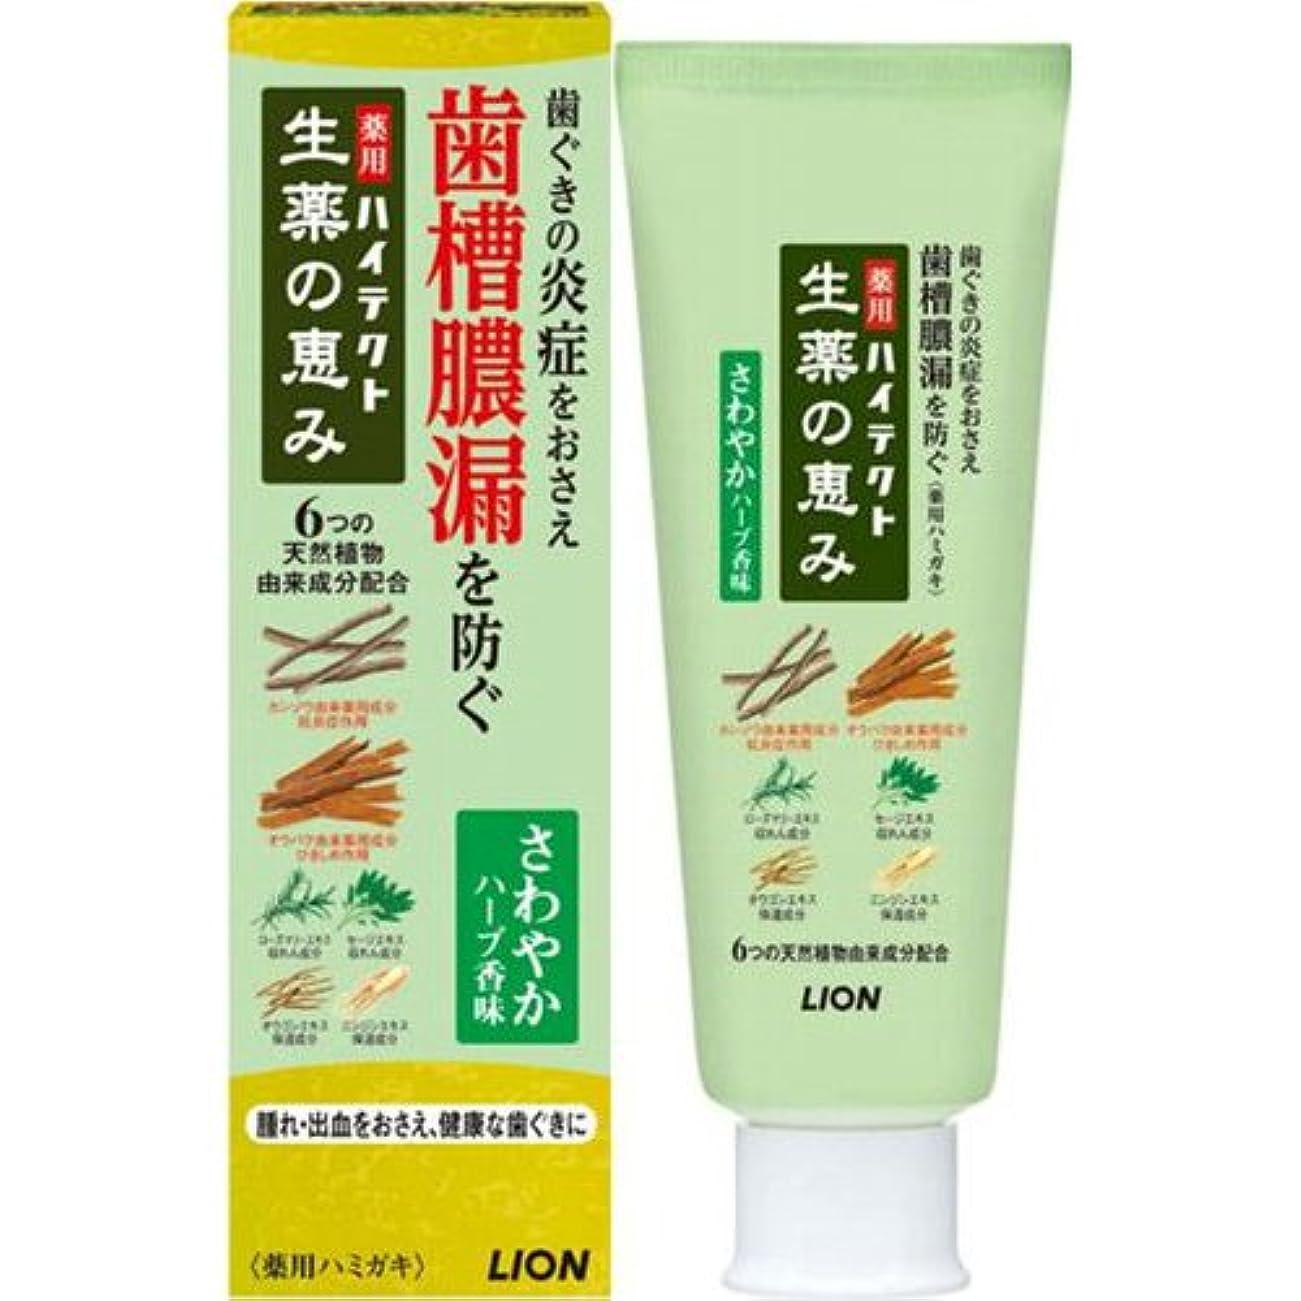 トンネル堤防好み【ライオン】ハイテクト 生薬の恵み さわやかハーブ香味 90g ×3個セット